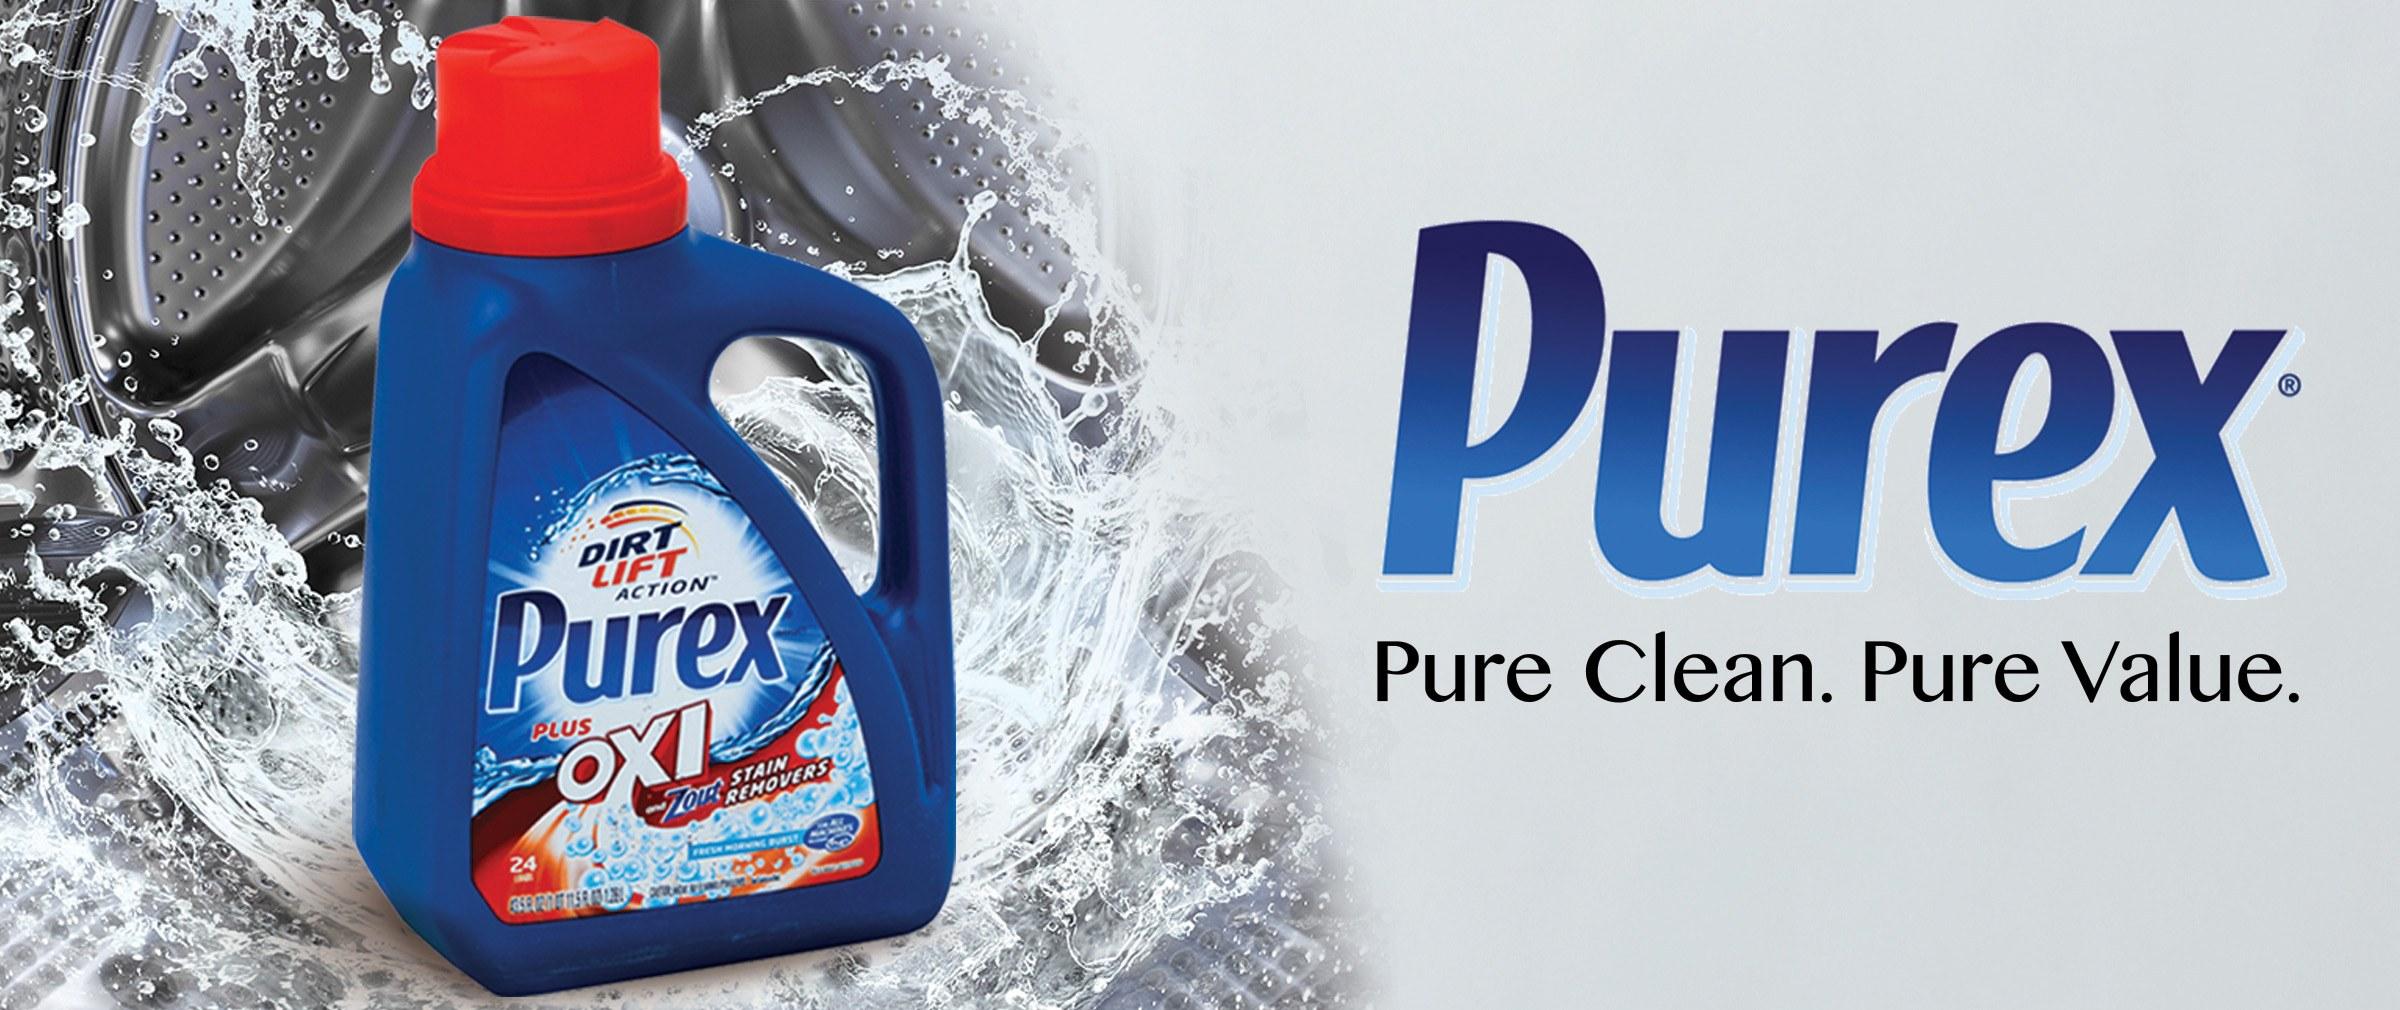 Purex_B2S-webslider